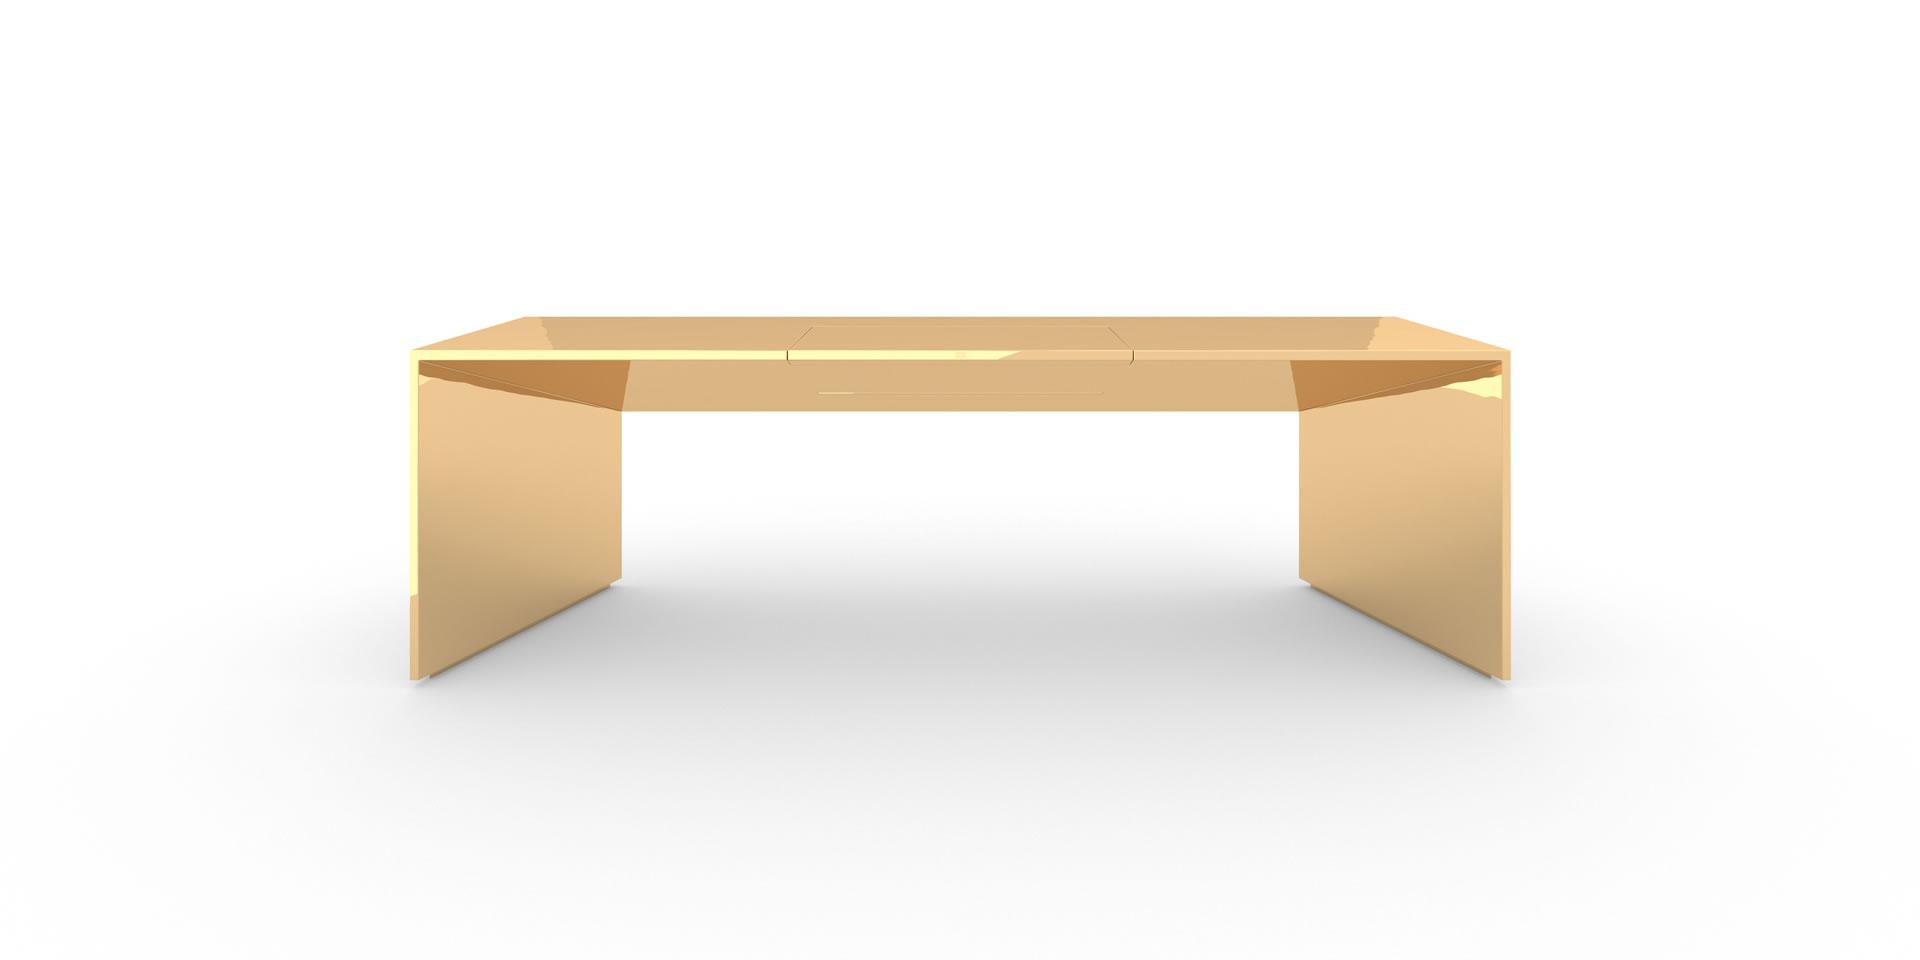 der unsichtbare stuhl der unsichtbare stuhl 2 foto bild erwachsene menschen in der freizeit. Black Bedroom Furniture Sets. Home Design Ideas